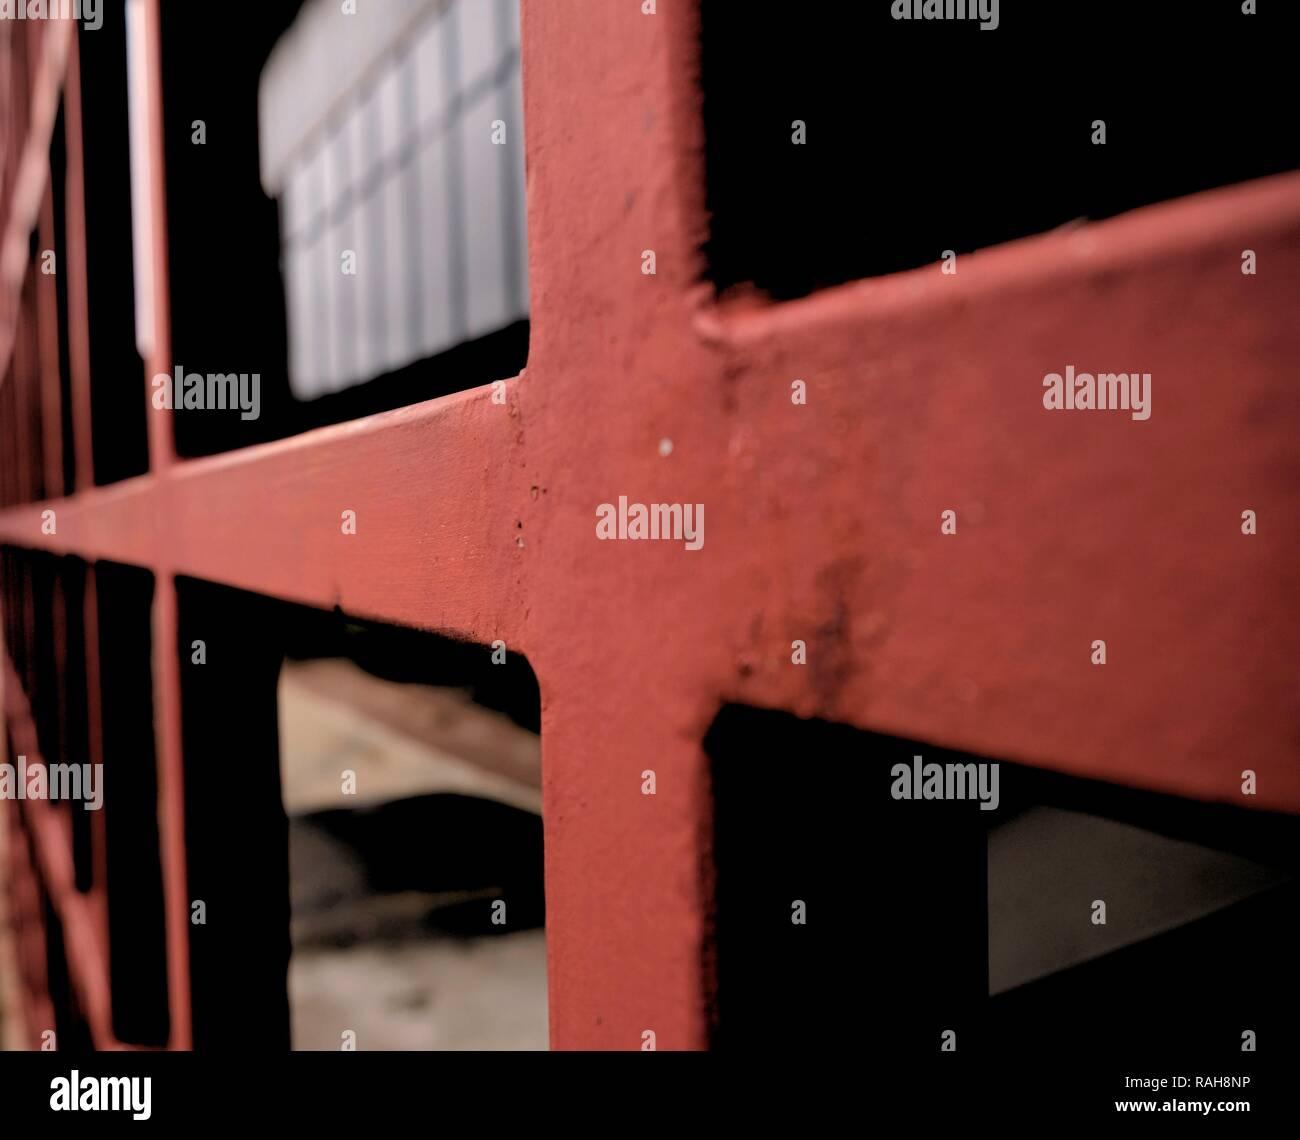 Close-up de un patrón cuadrado de metal rojo; elemento de diseño exterior en un edificio de oficinas. Imagen De Stock